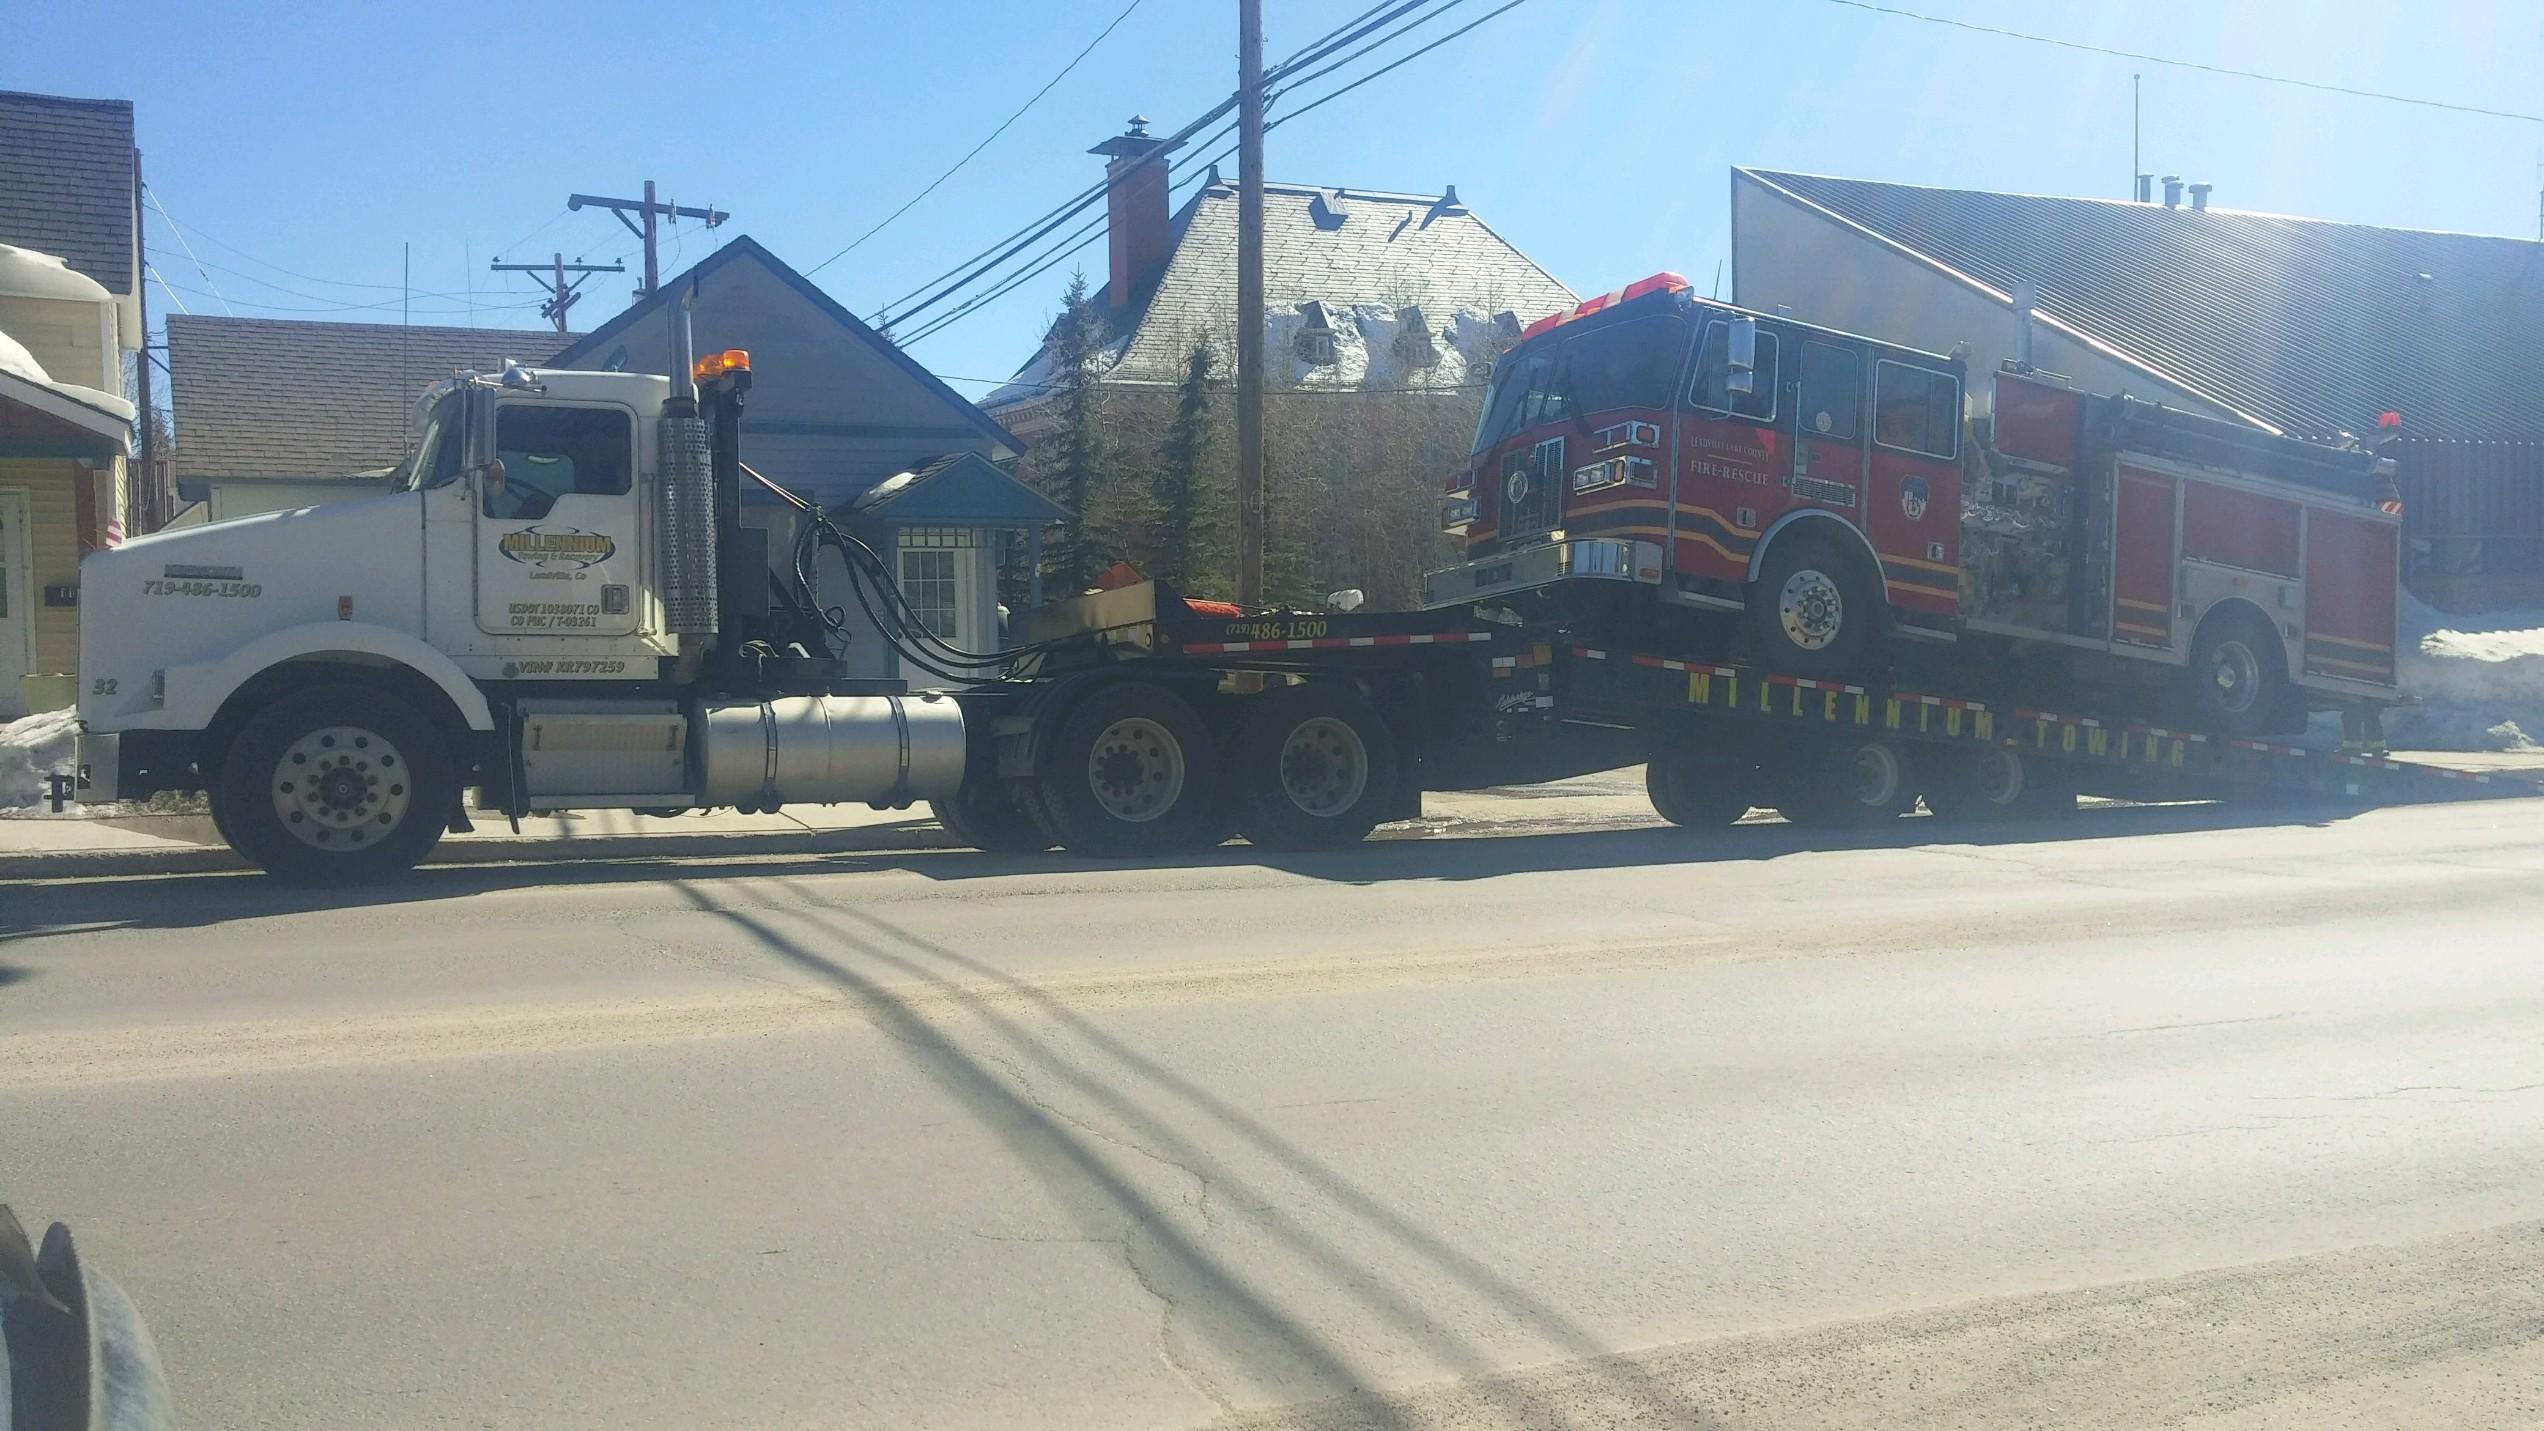 firetruck recovery.jpg